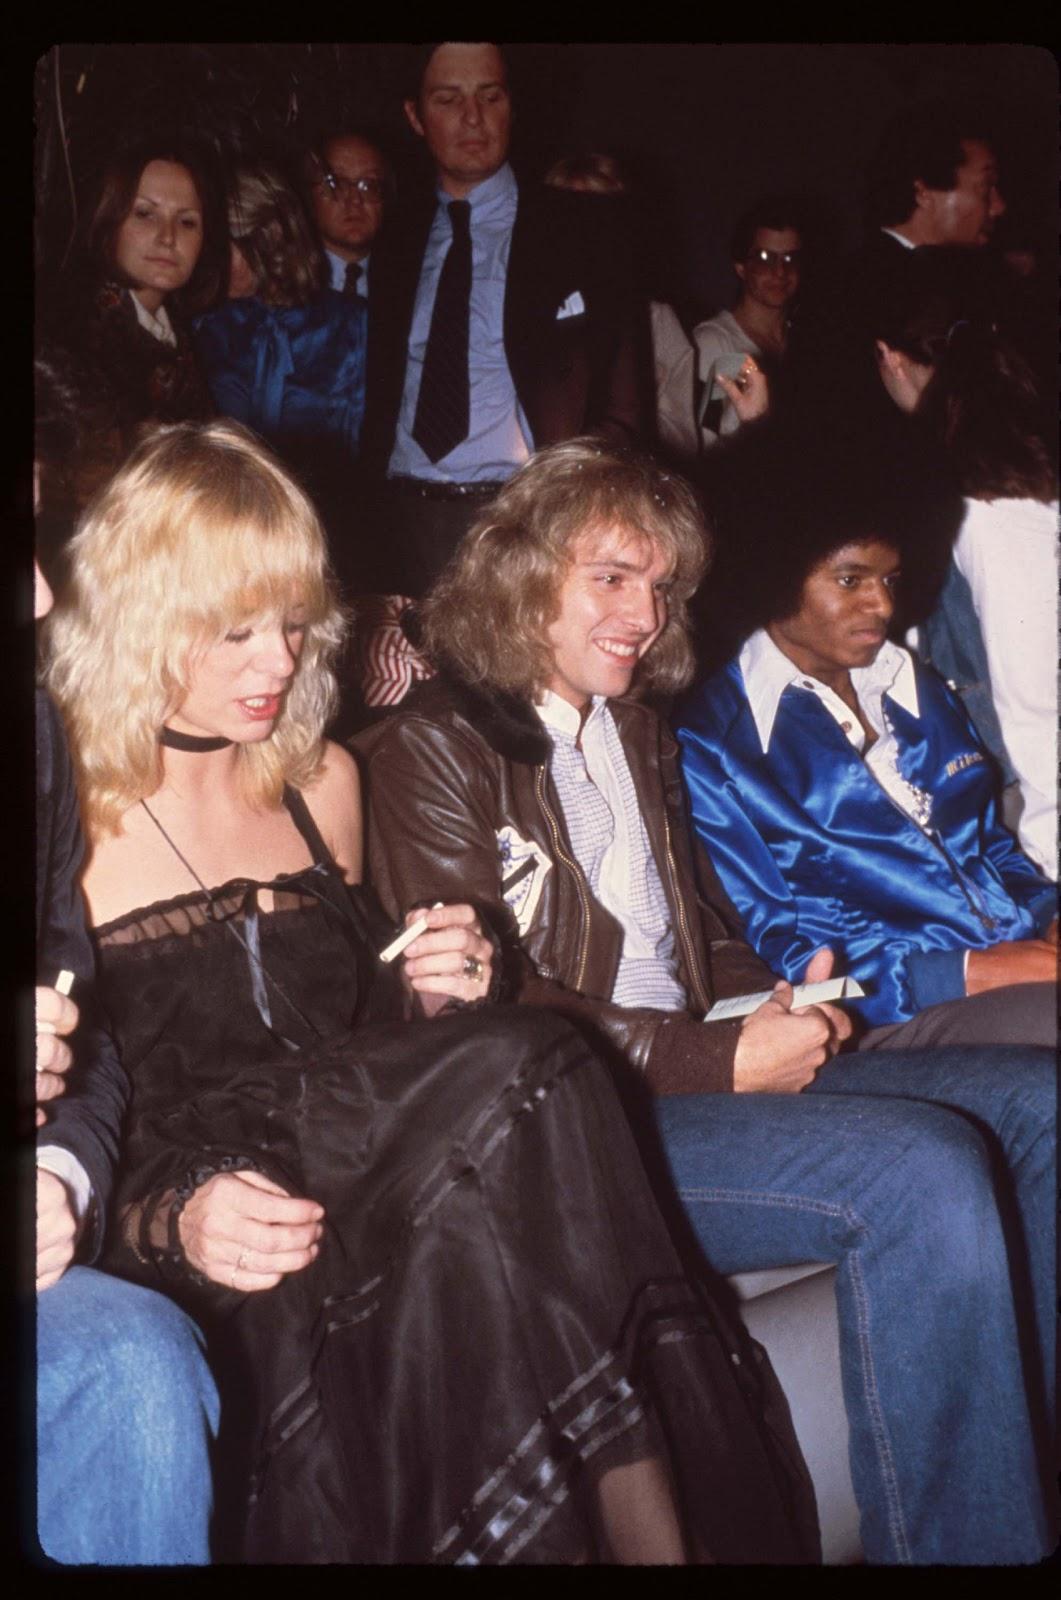 http://4.bp.blogspot.com/-4VqxR1gktRk/T9qHXhtsFyI/AAAAAAAAIZI/Fw9vU6DVl3w/s1600/Michael+Jackson+Attending+an+event+with+singer+Peter+Frampton+and+Penny+McCall+in+NYC+1979.jpg